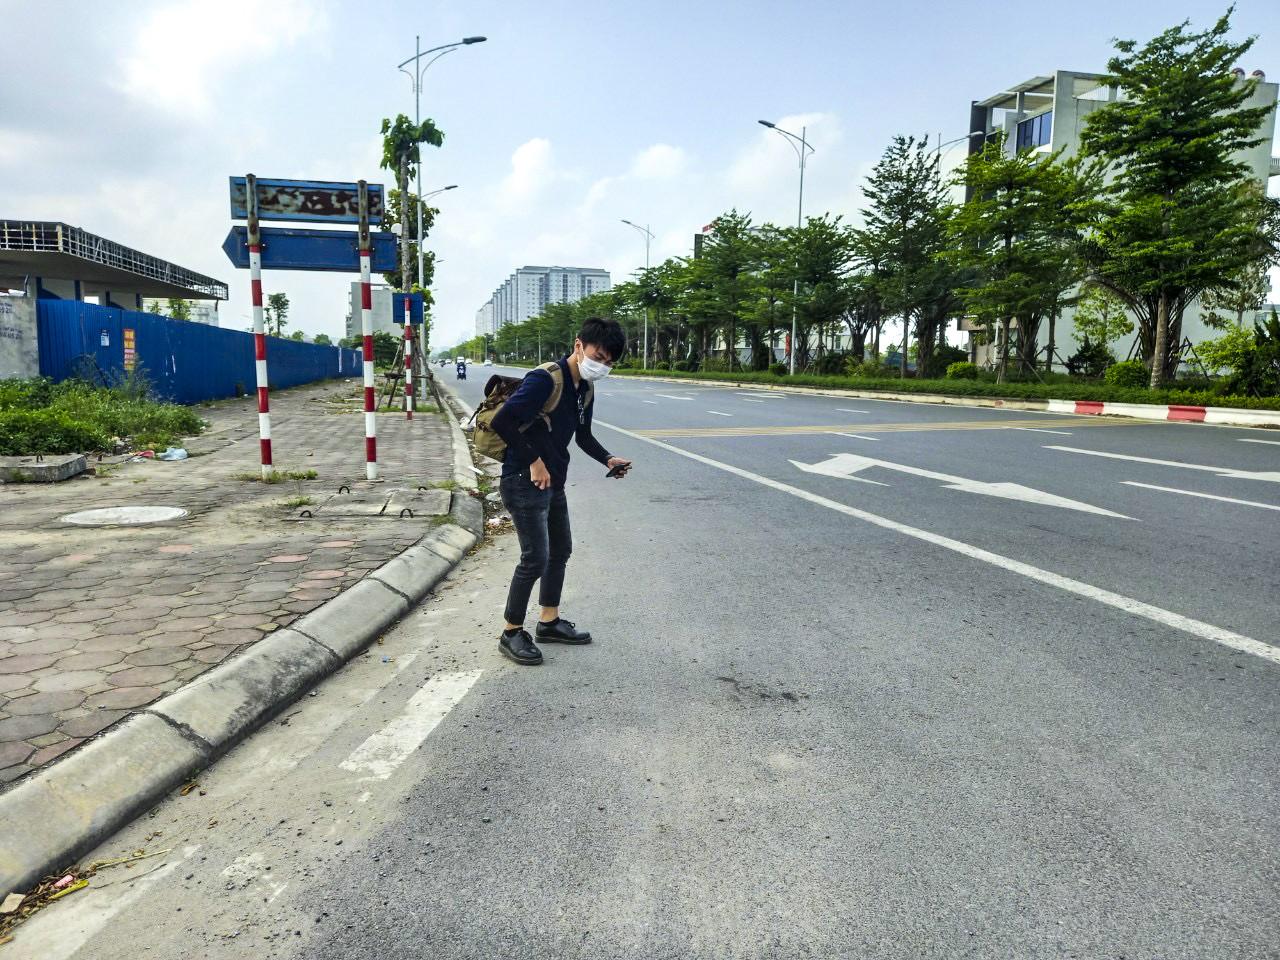 Tên cướp bị truy nã đặc biệt đâm tài xế taxi trọng thương ở Thanh Oai: Tao mới giết người xong - Ảnh 2.